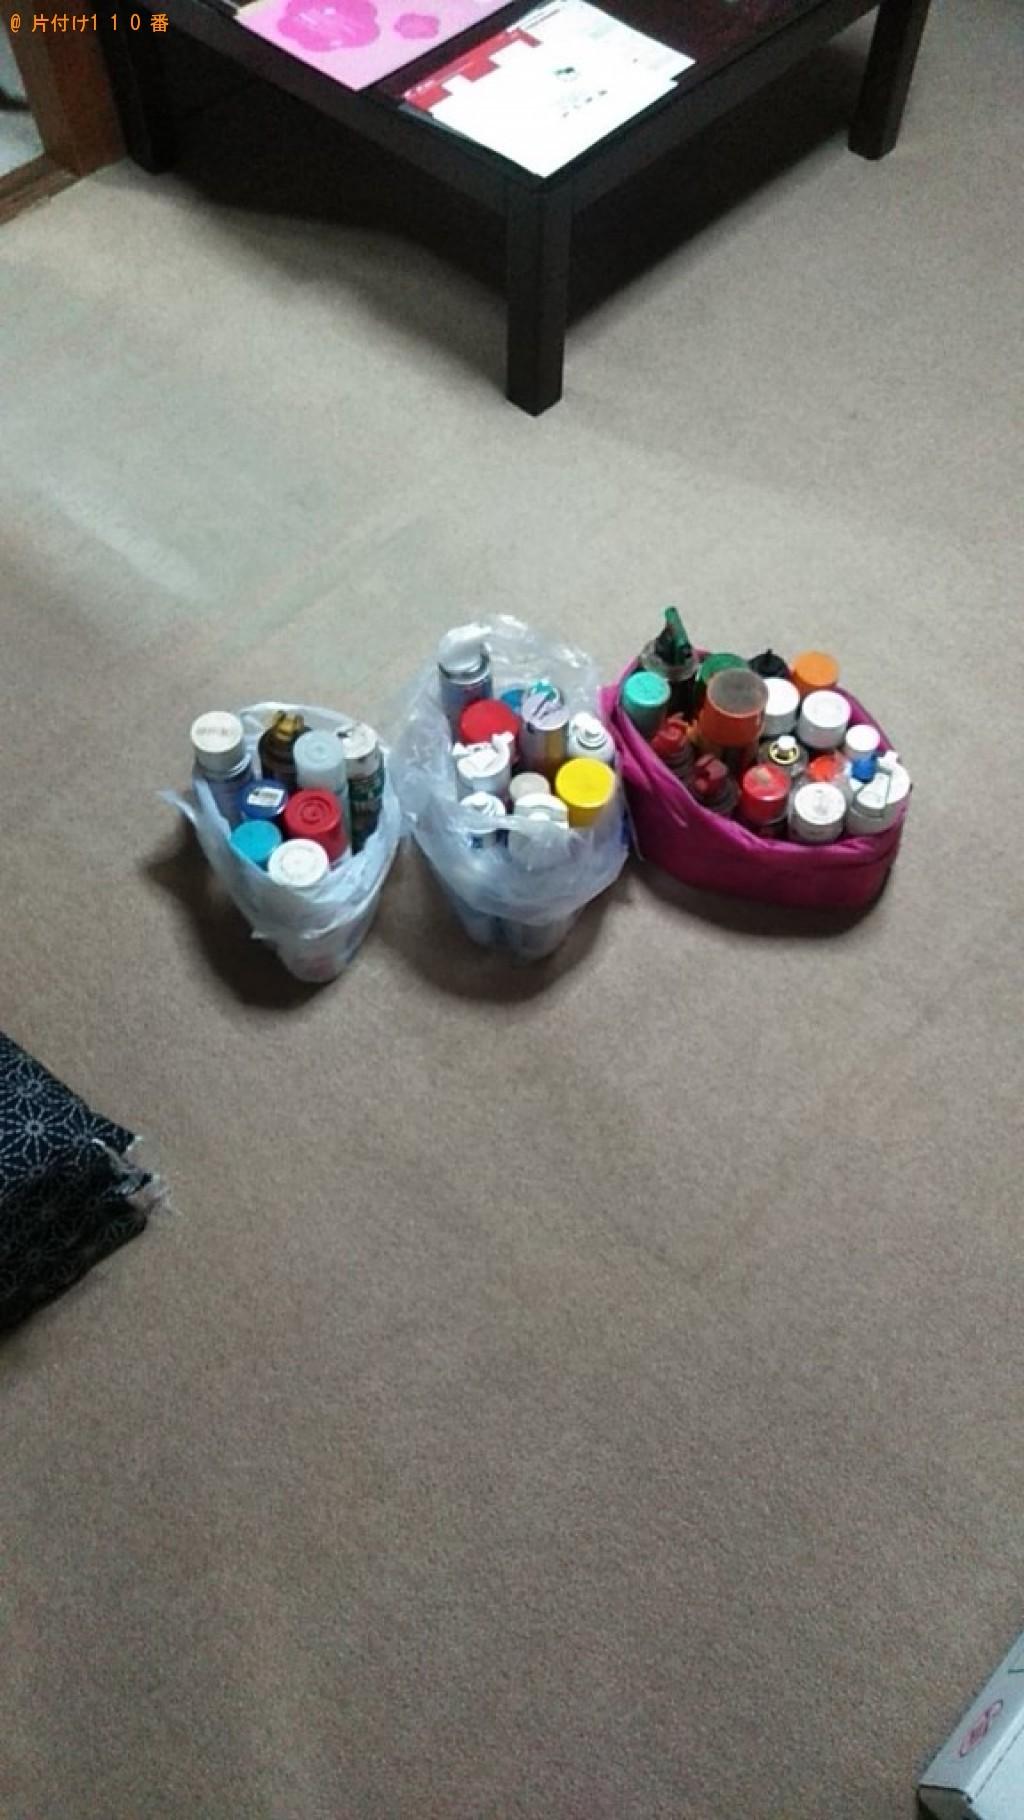 【宇都宮市】スプレー缶の回収・処分ご依頼 お客様の声